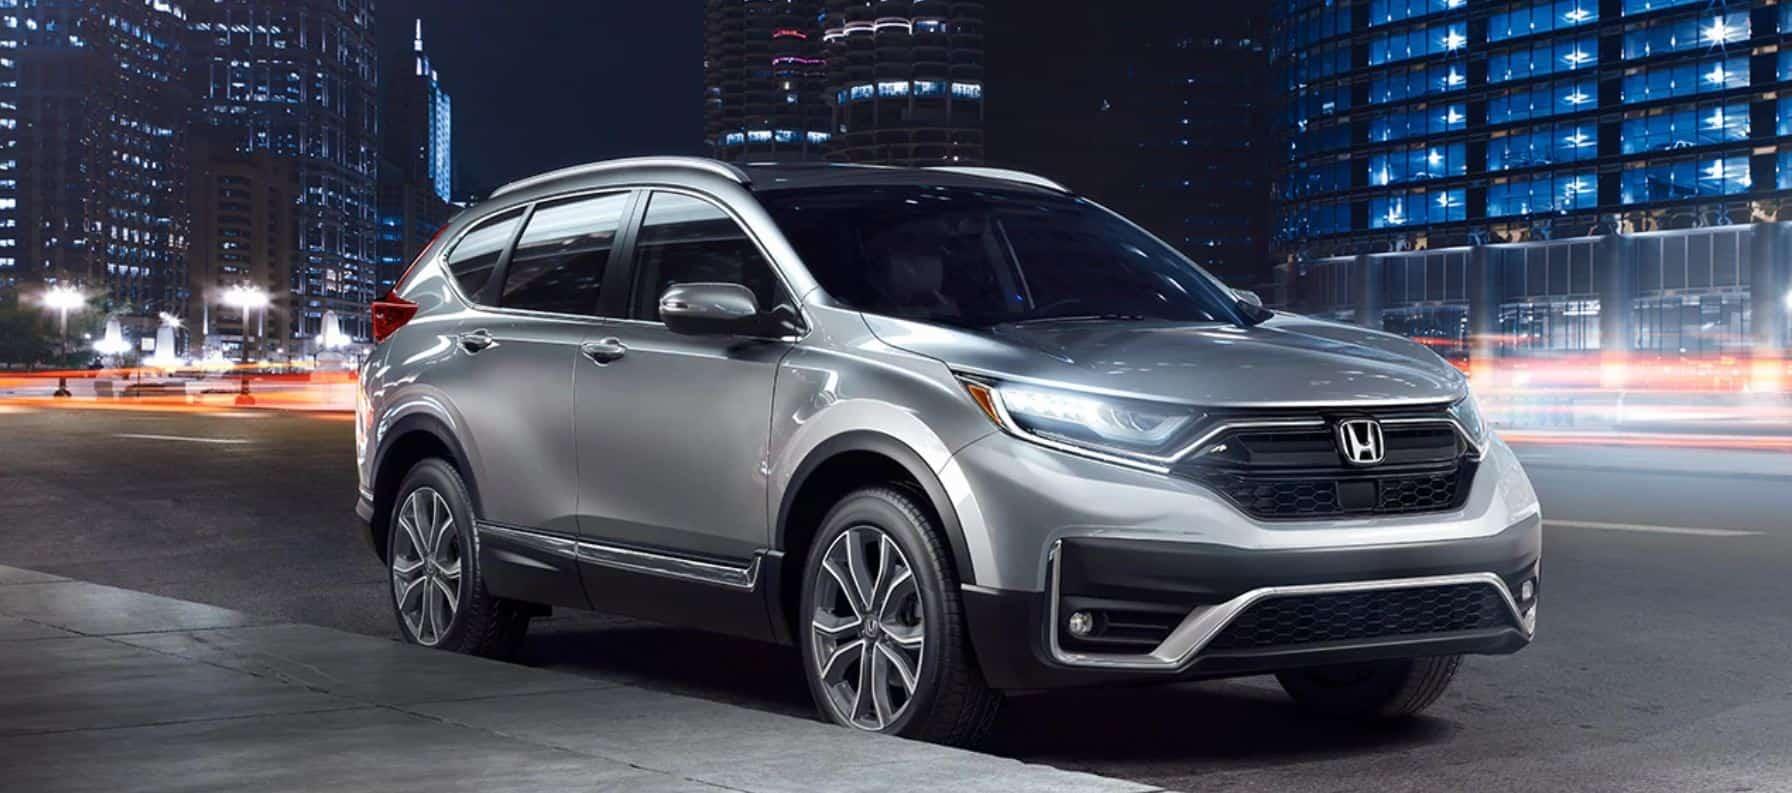 Why Buy the 2020 Honda CR-V in West Burlington IA